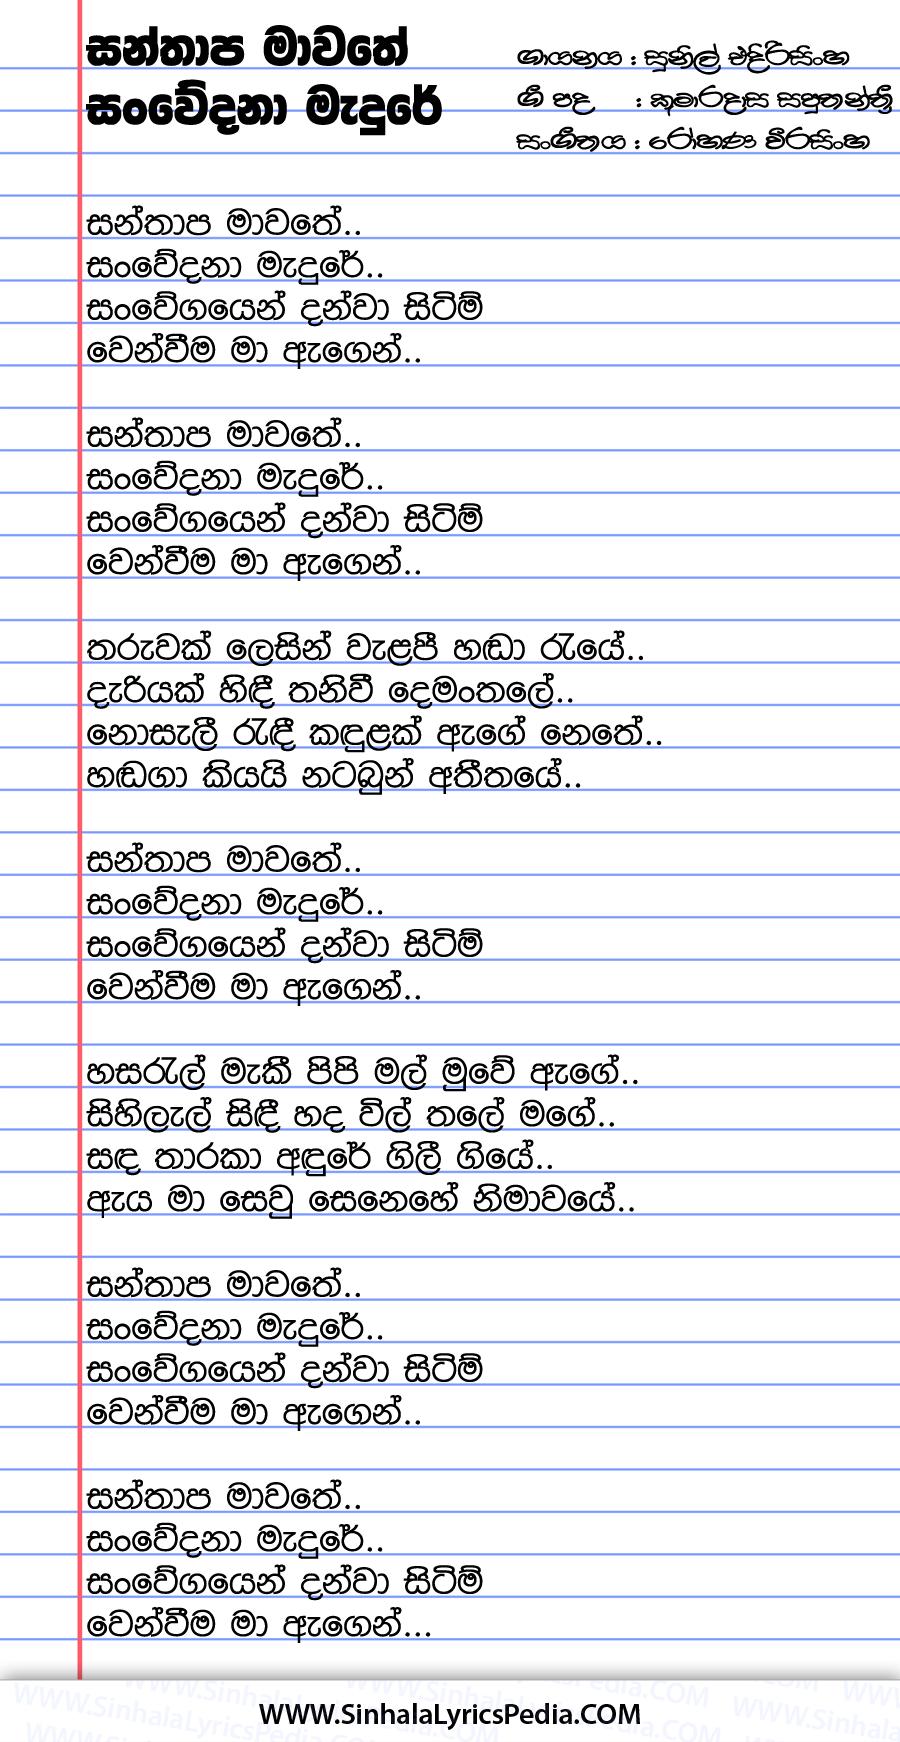 Santhapa Mawathe Sanwedana Medure Song Lyrics